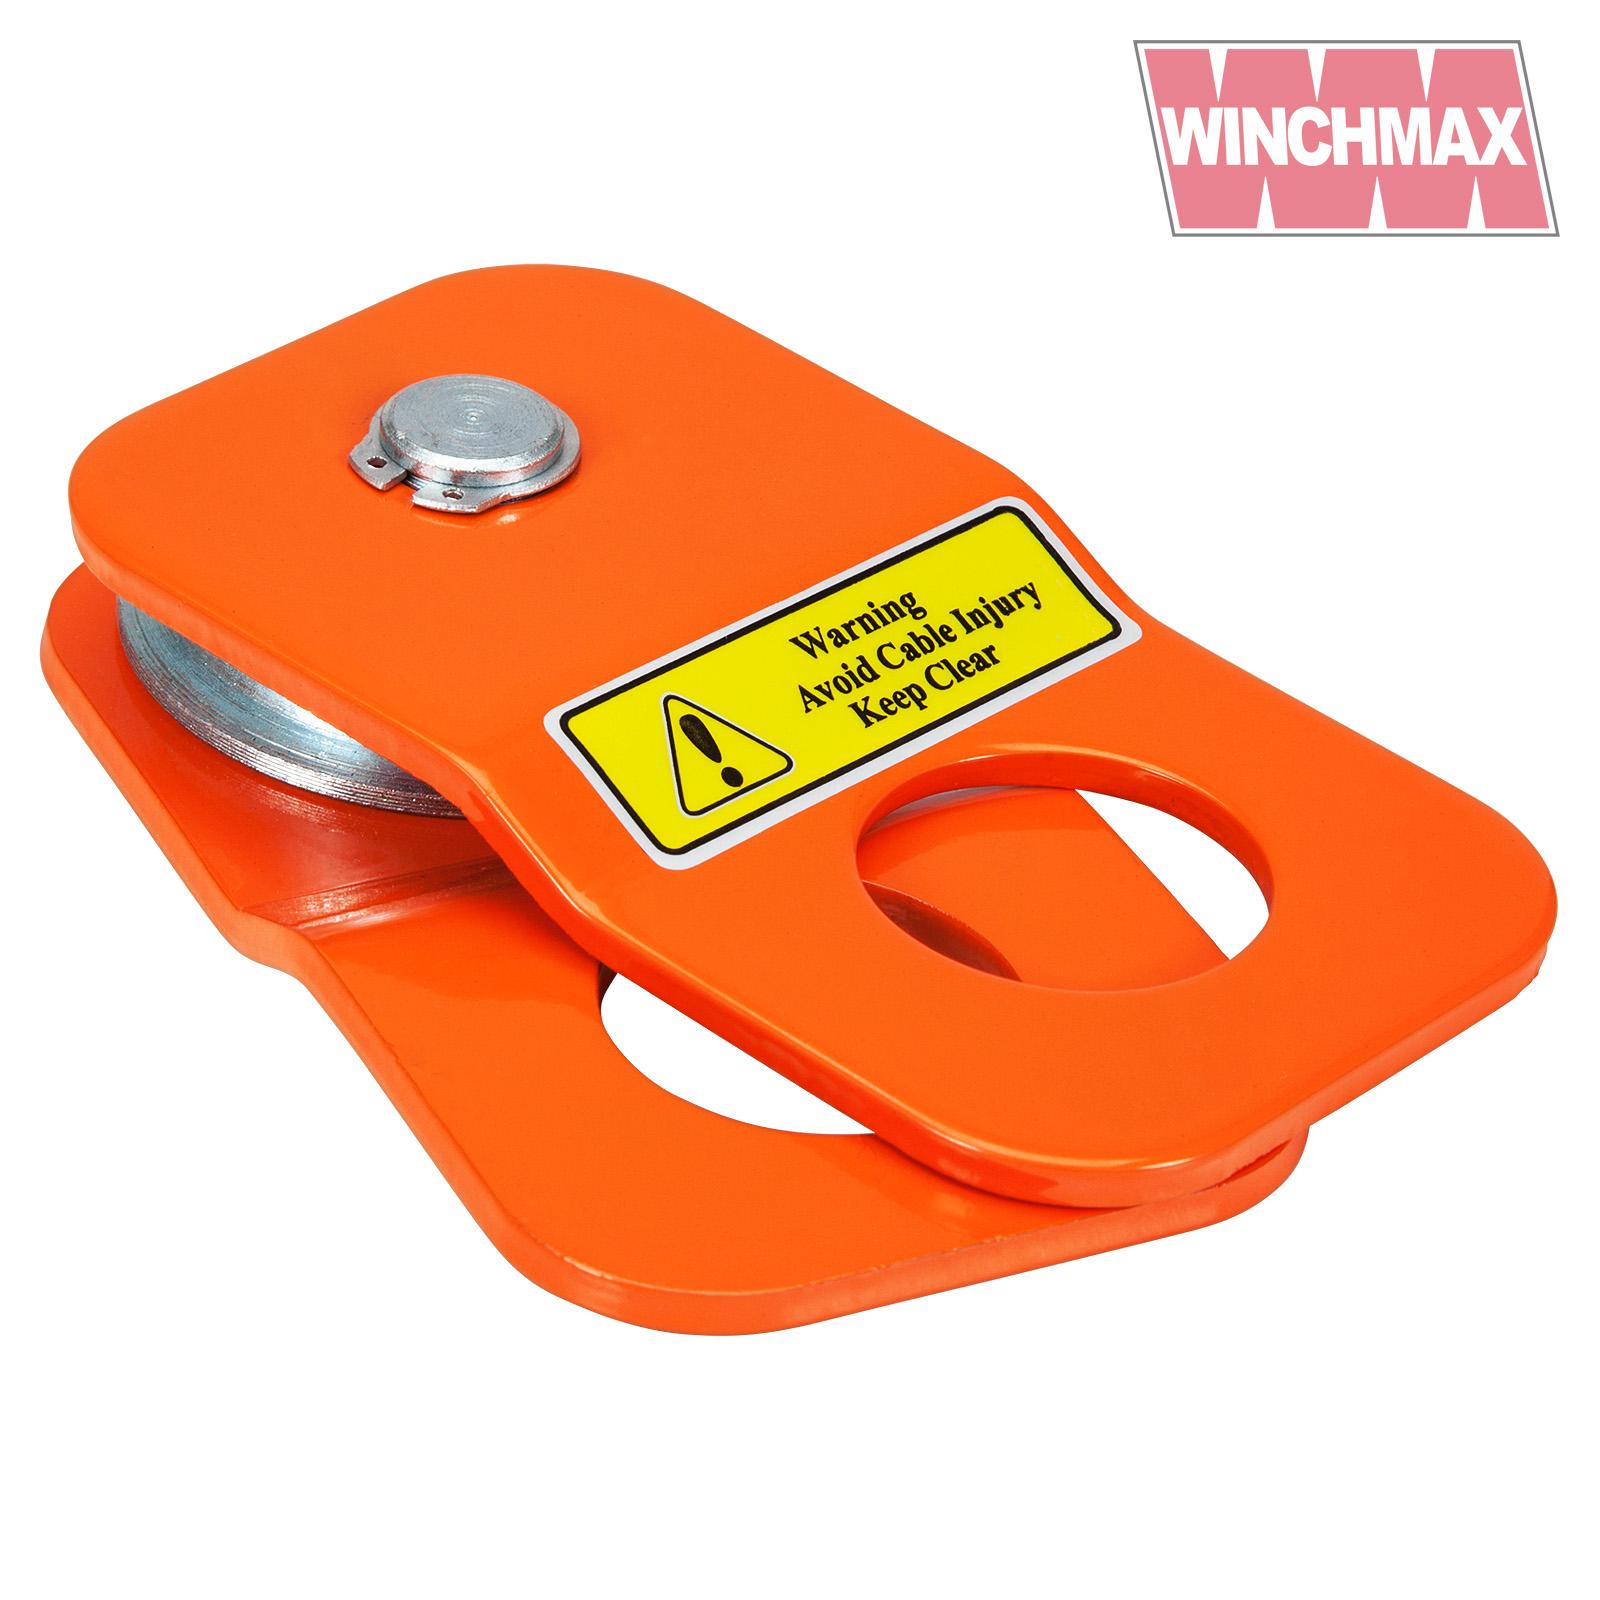 Wmsb4 winchmax 394